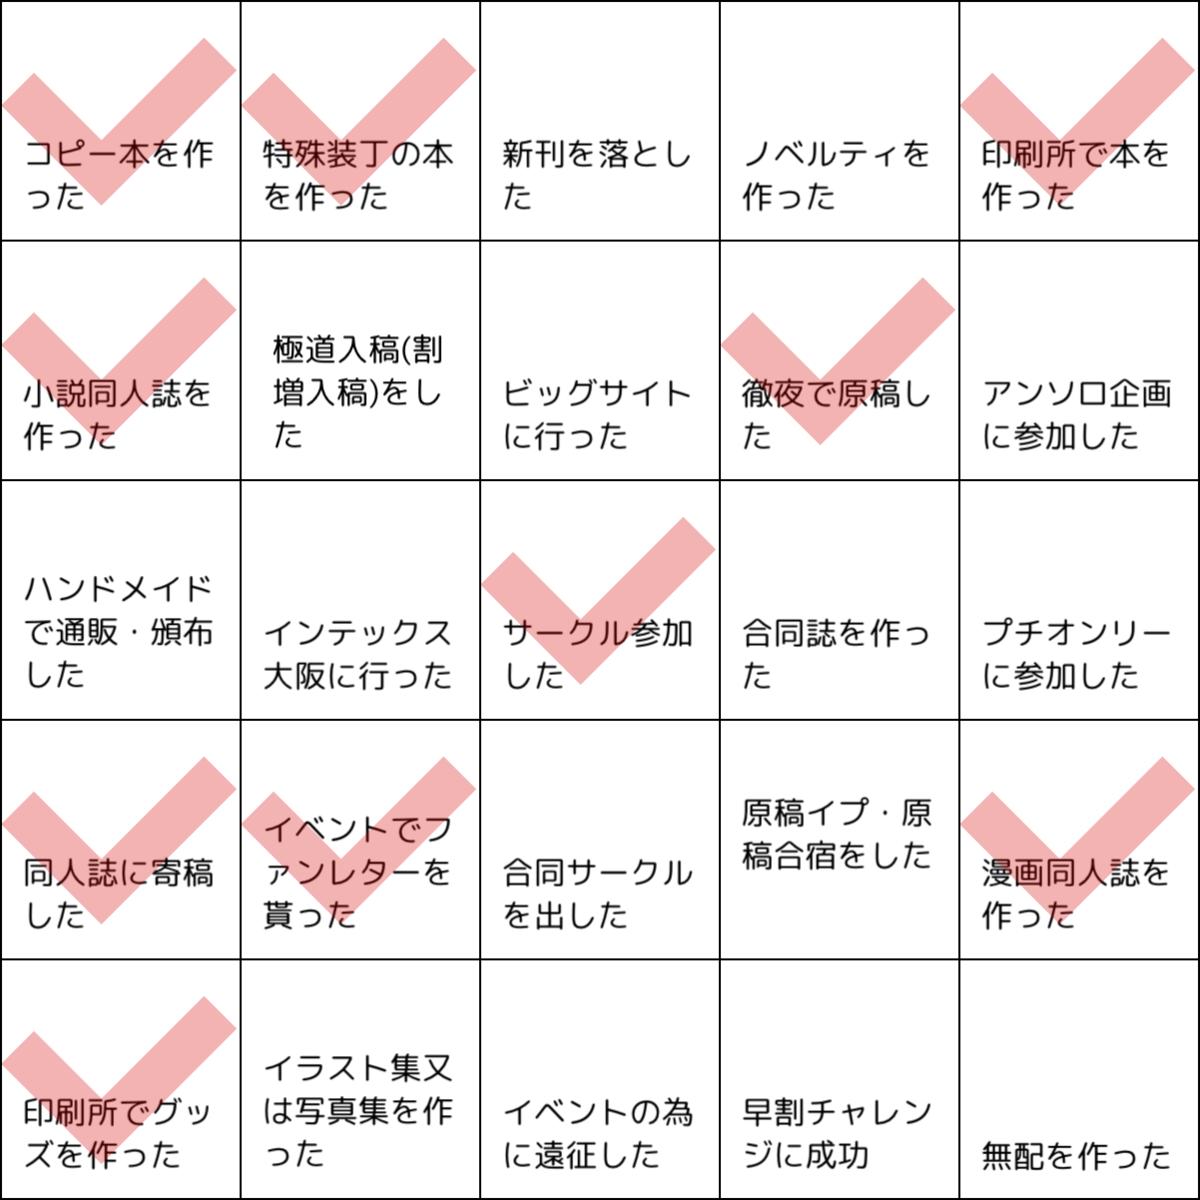 f:id:xifuren2019:20200409143452p:plain